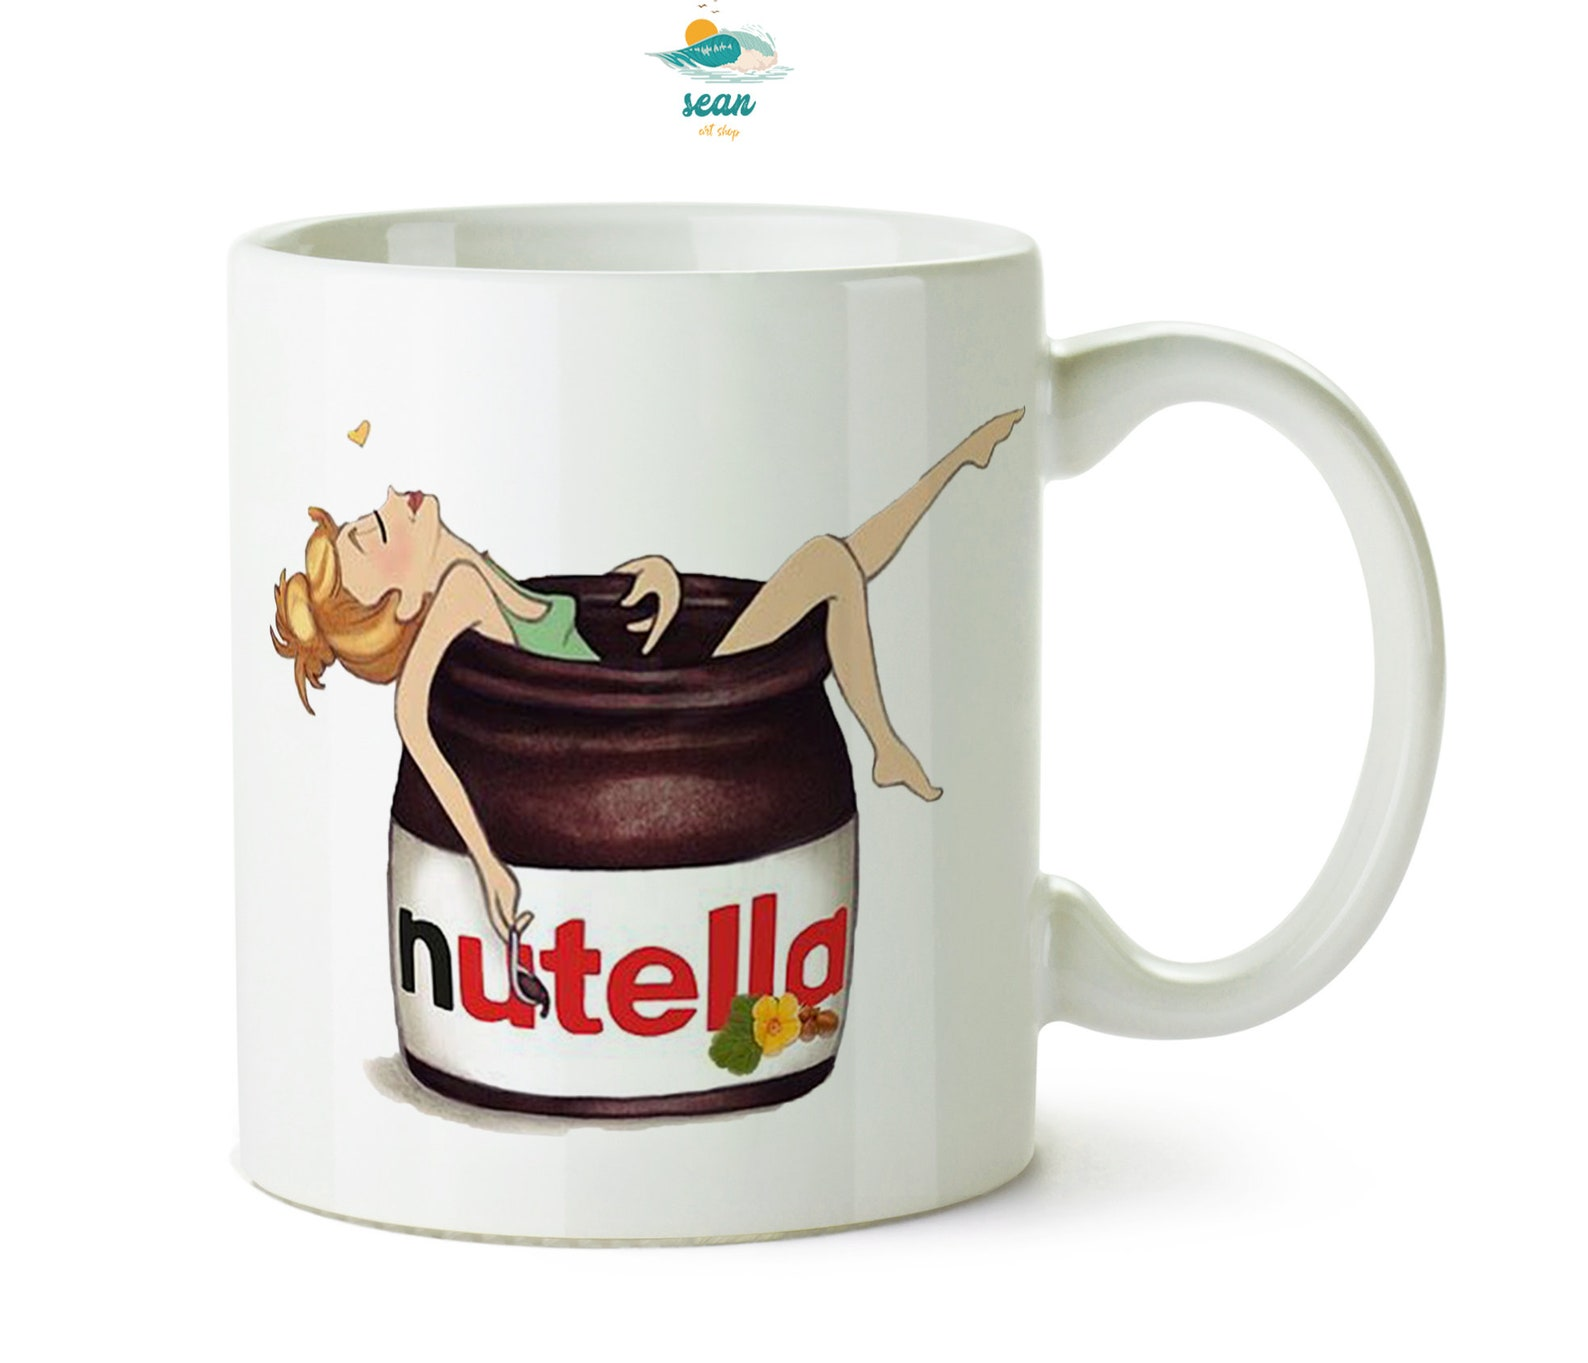 Nutella Mug